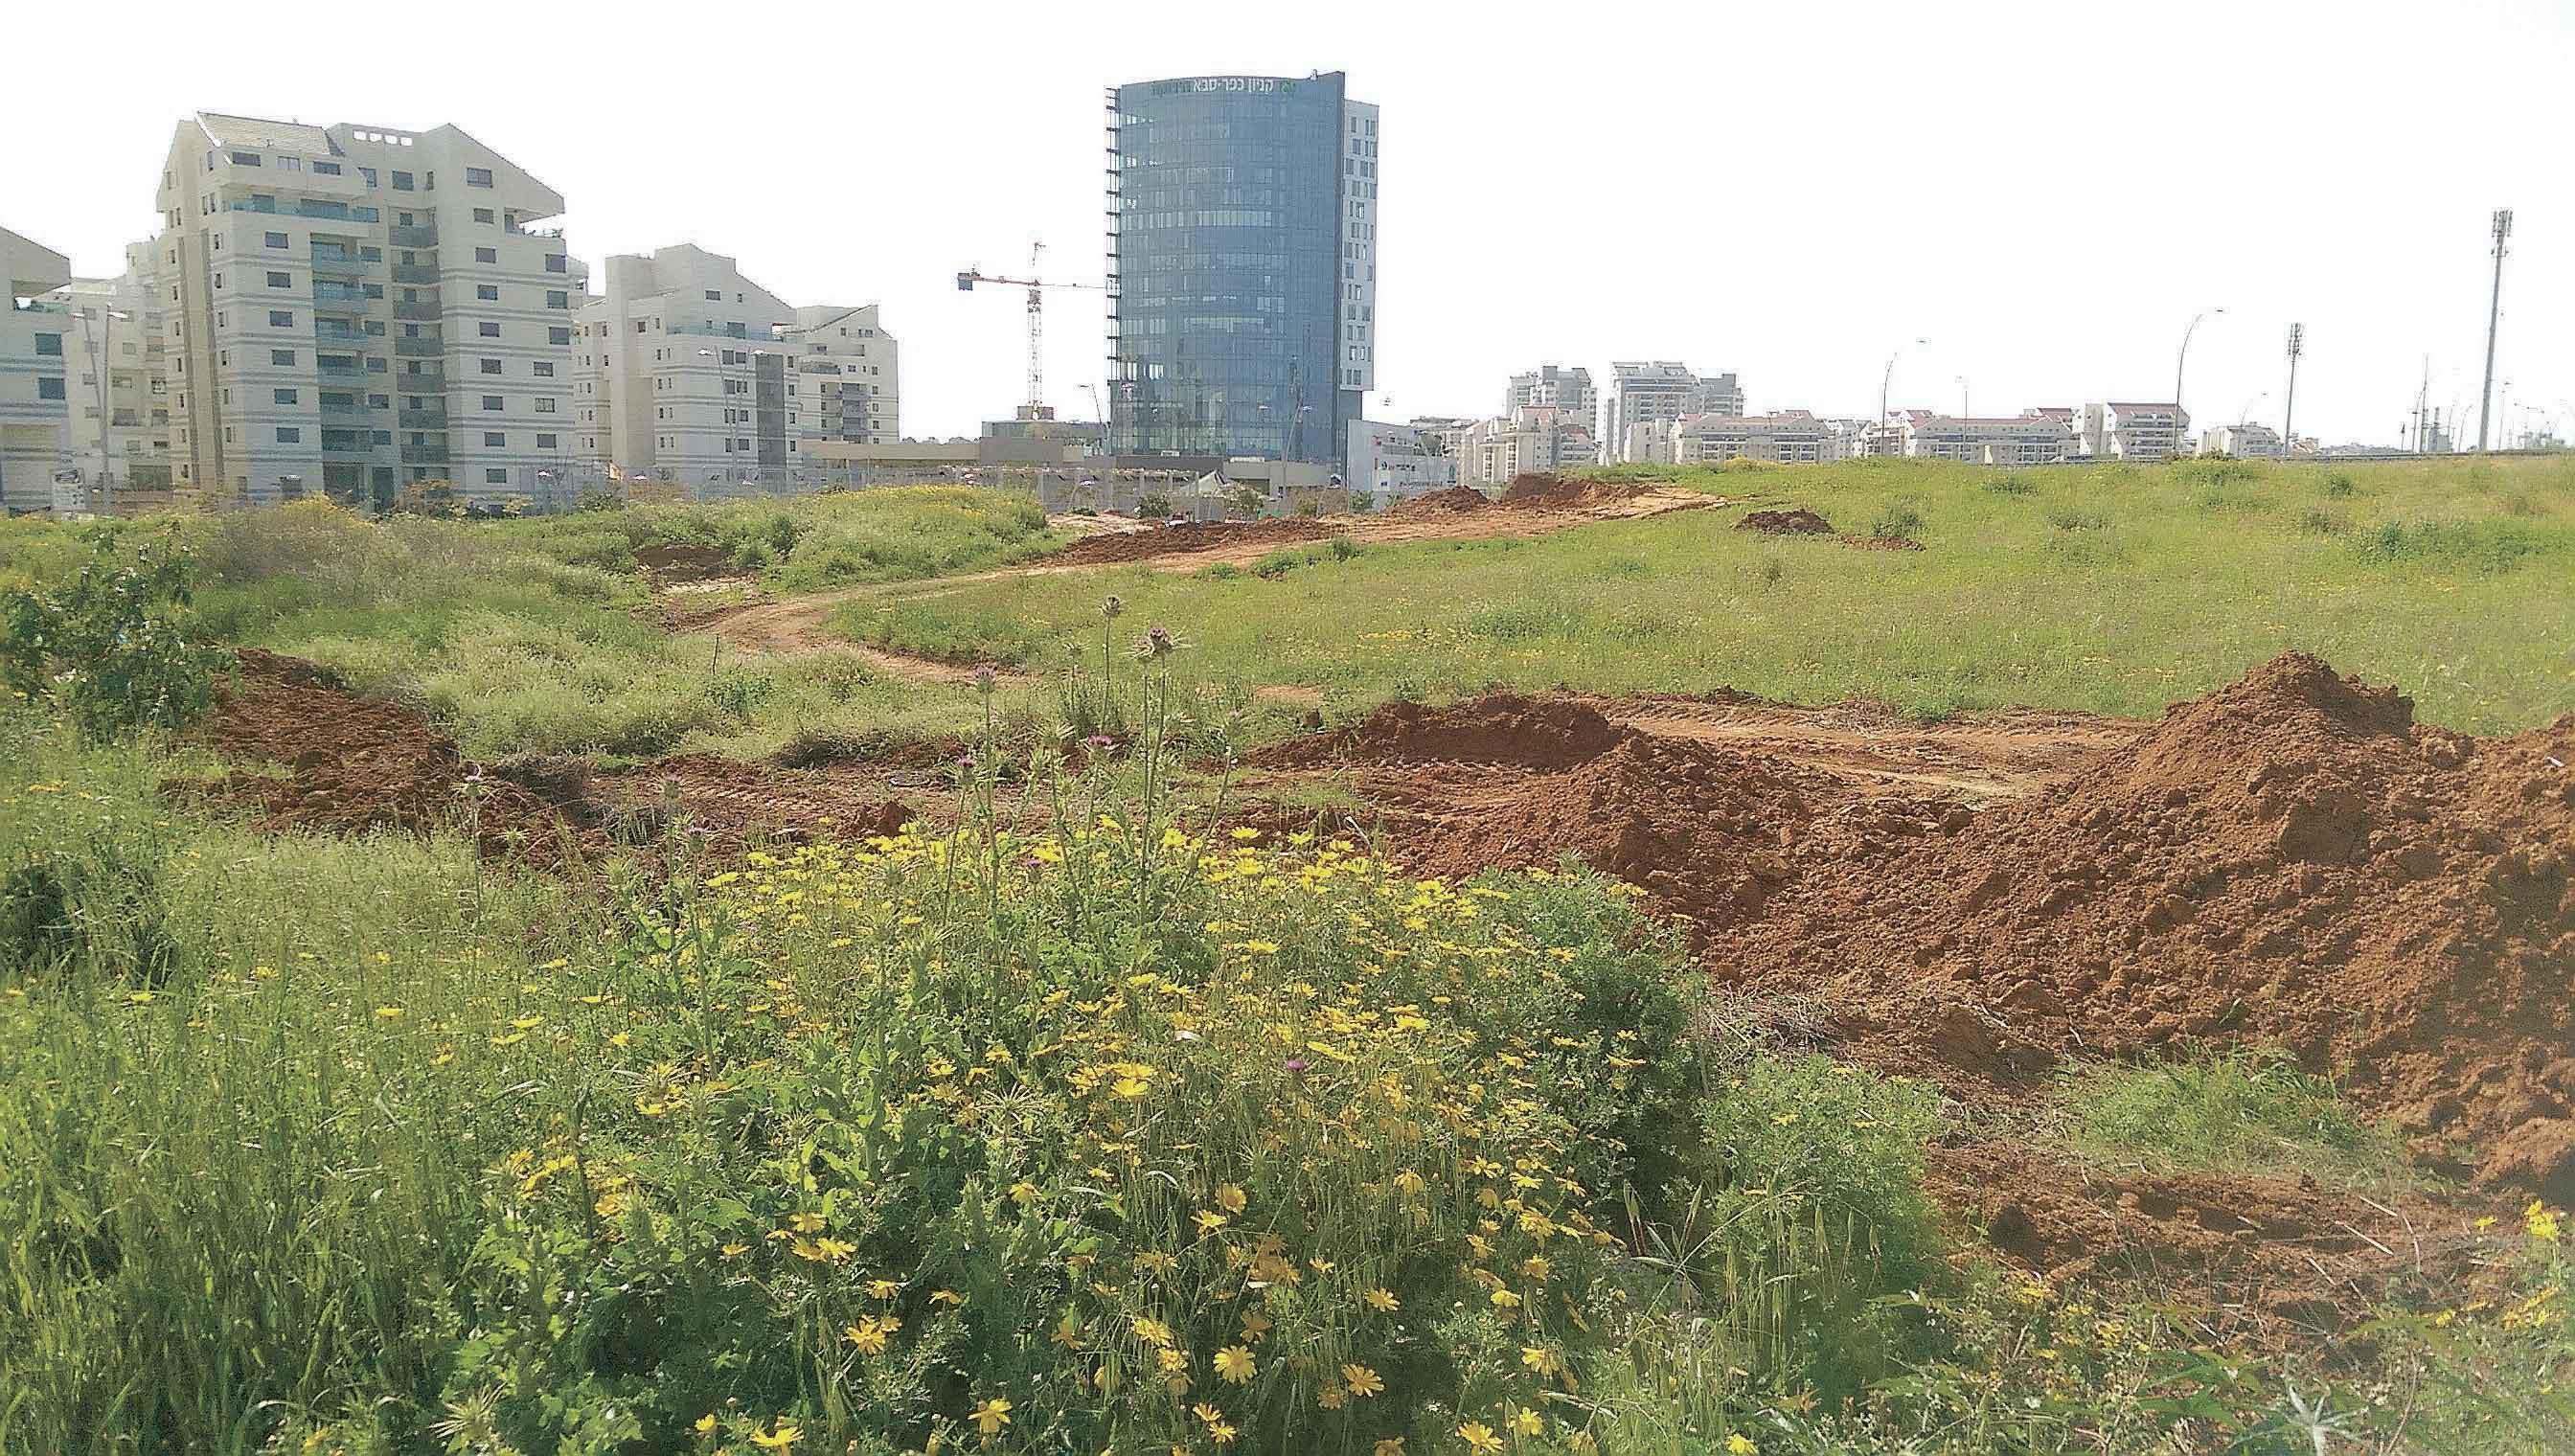 רחוב ספיר כפר סבא הירוקה צילום עזרא לוי